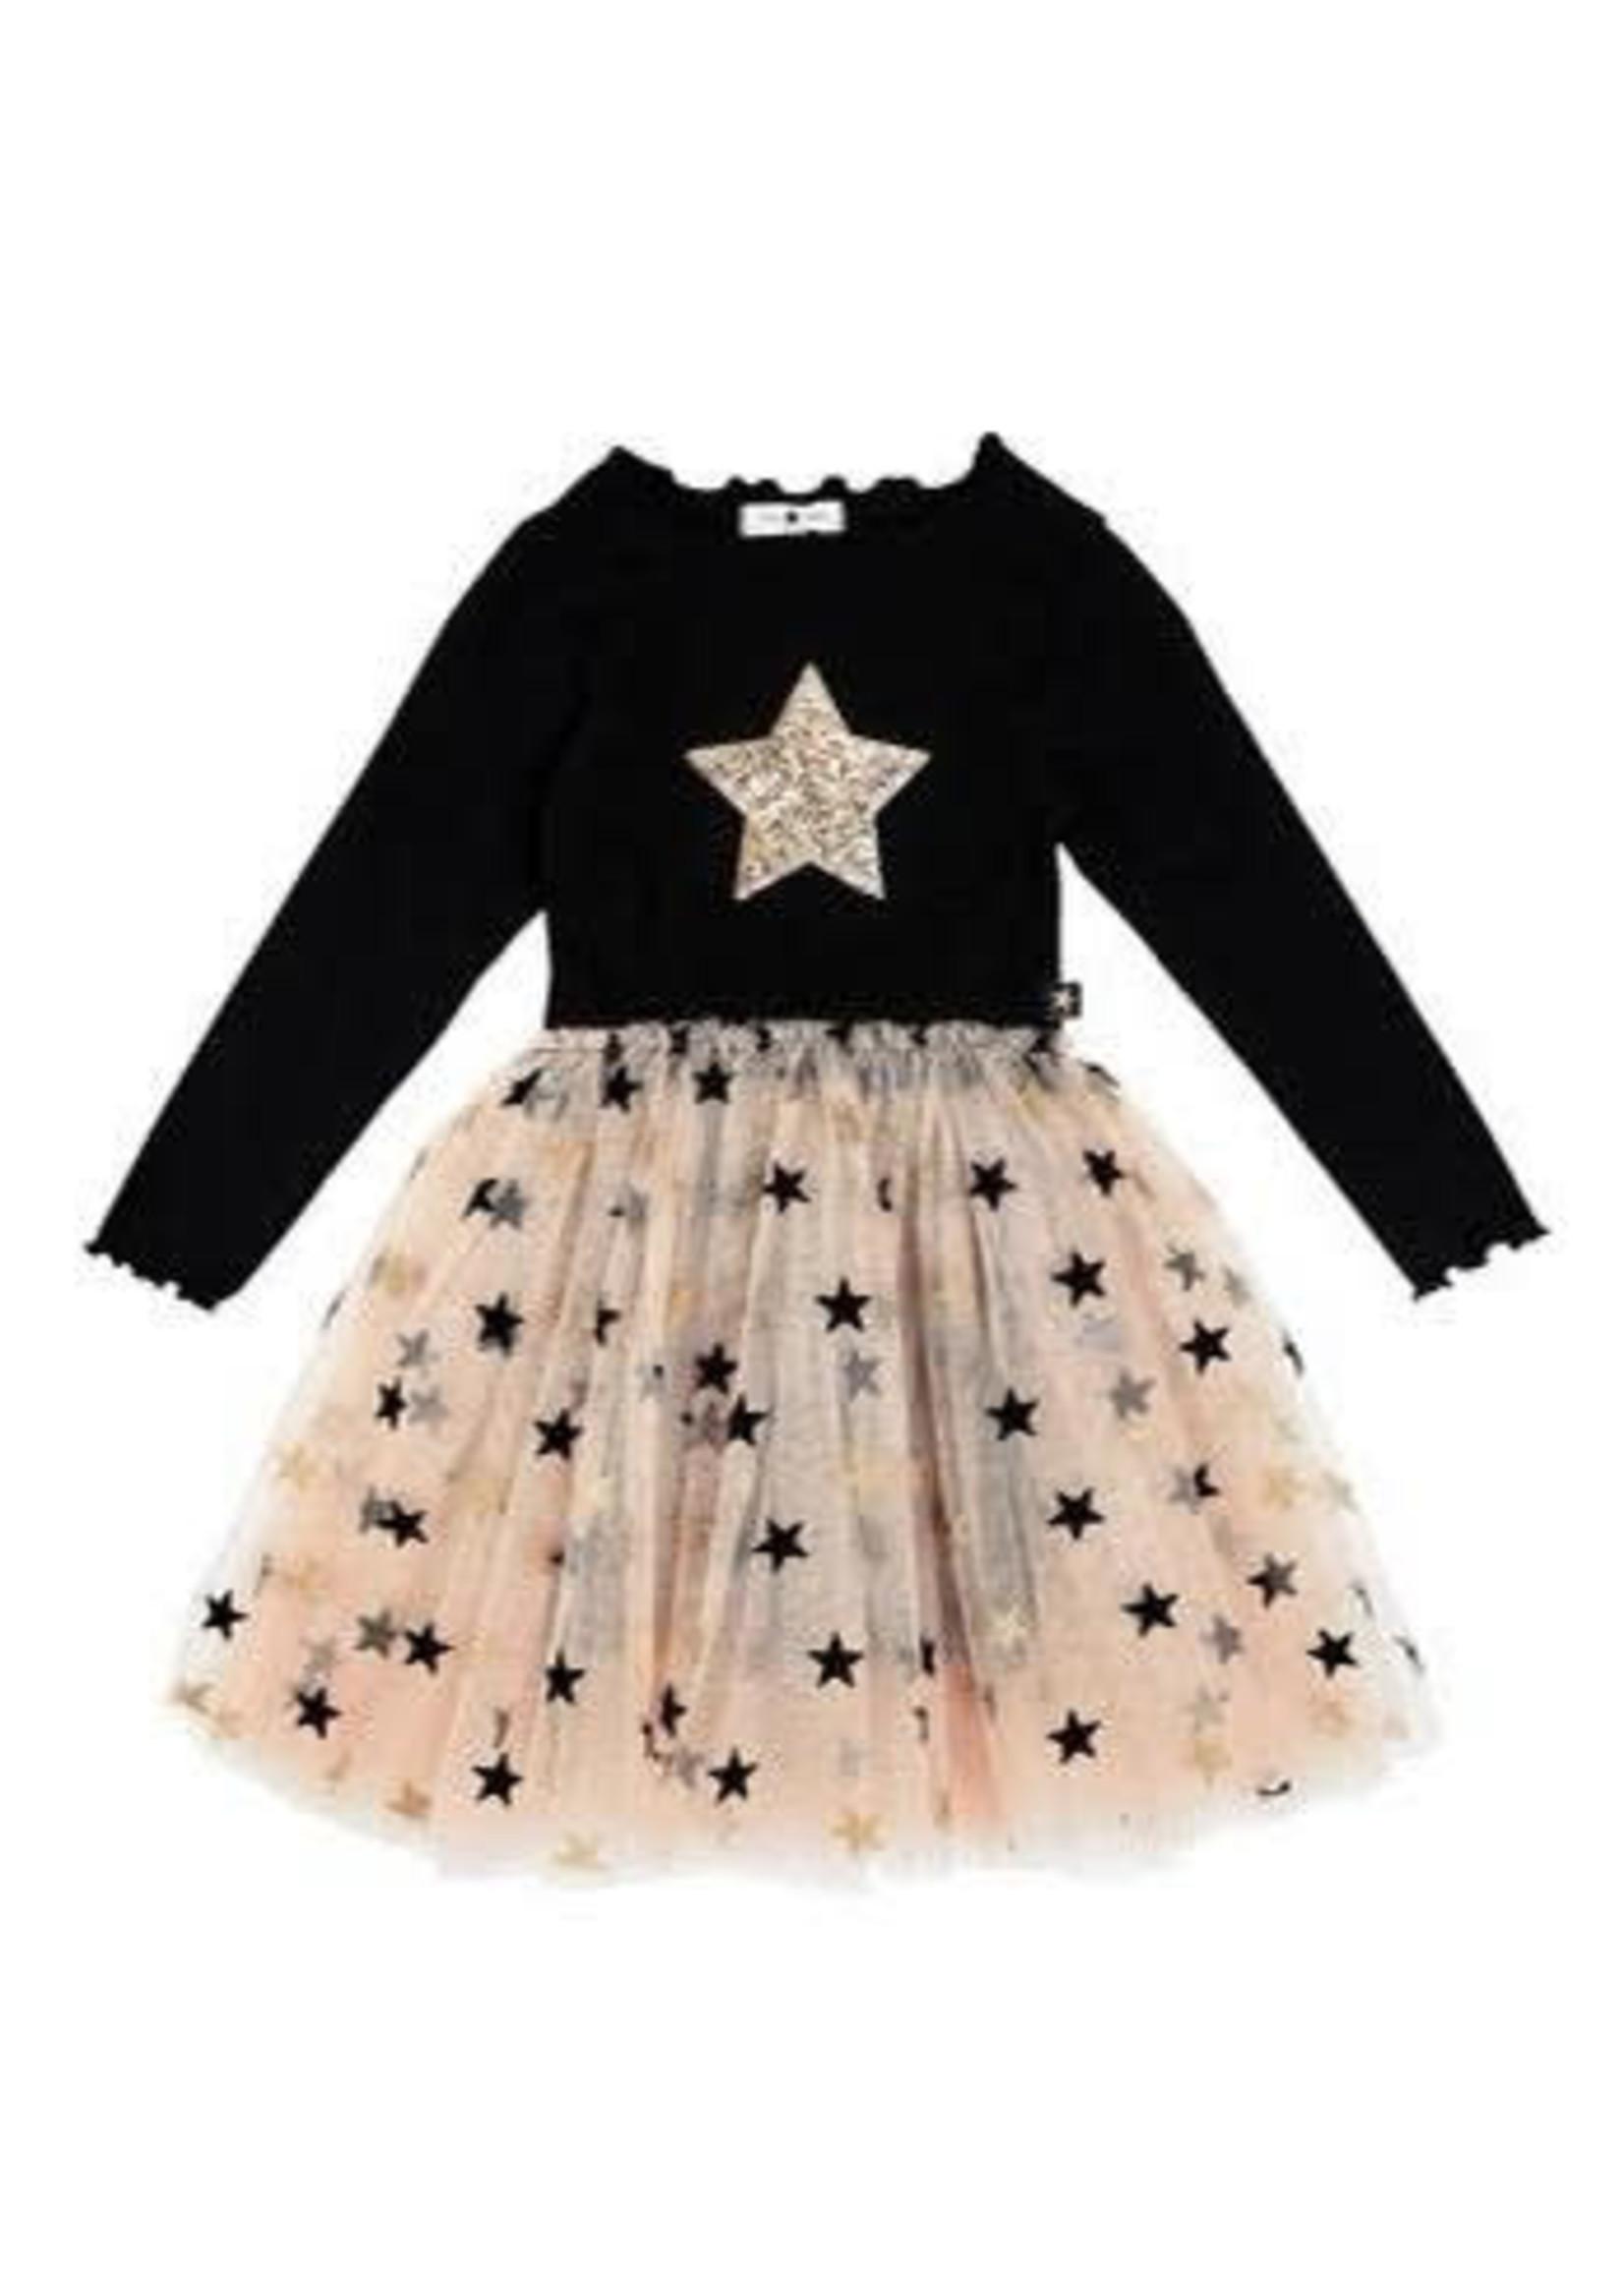 Petite Hailey PH Star Gold Tutu Dress